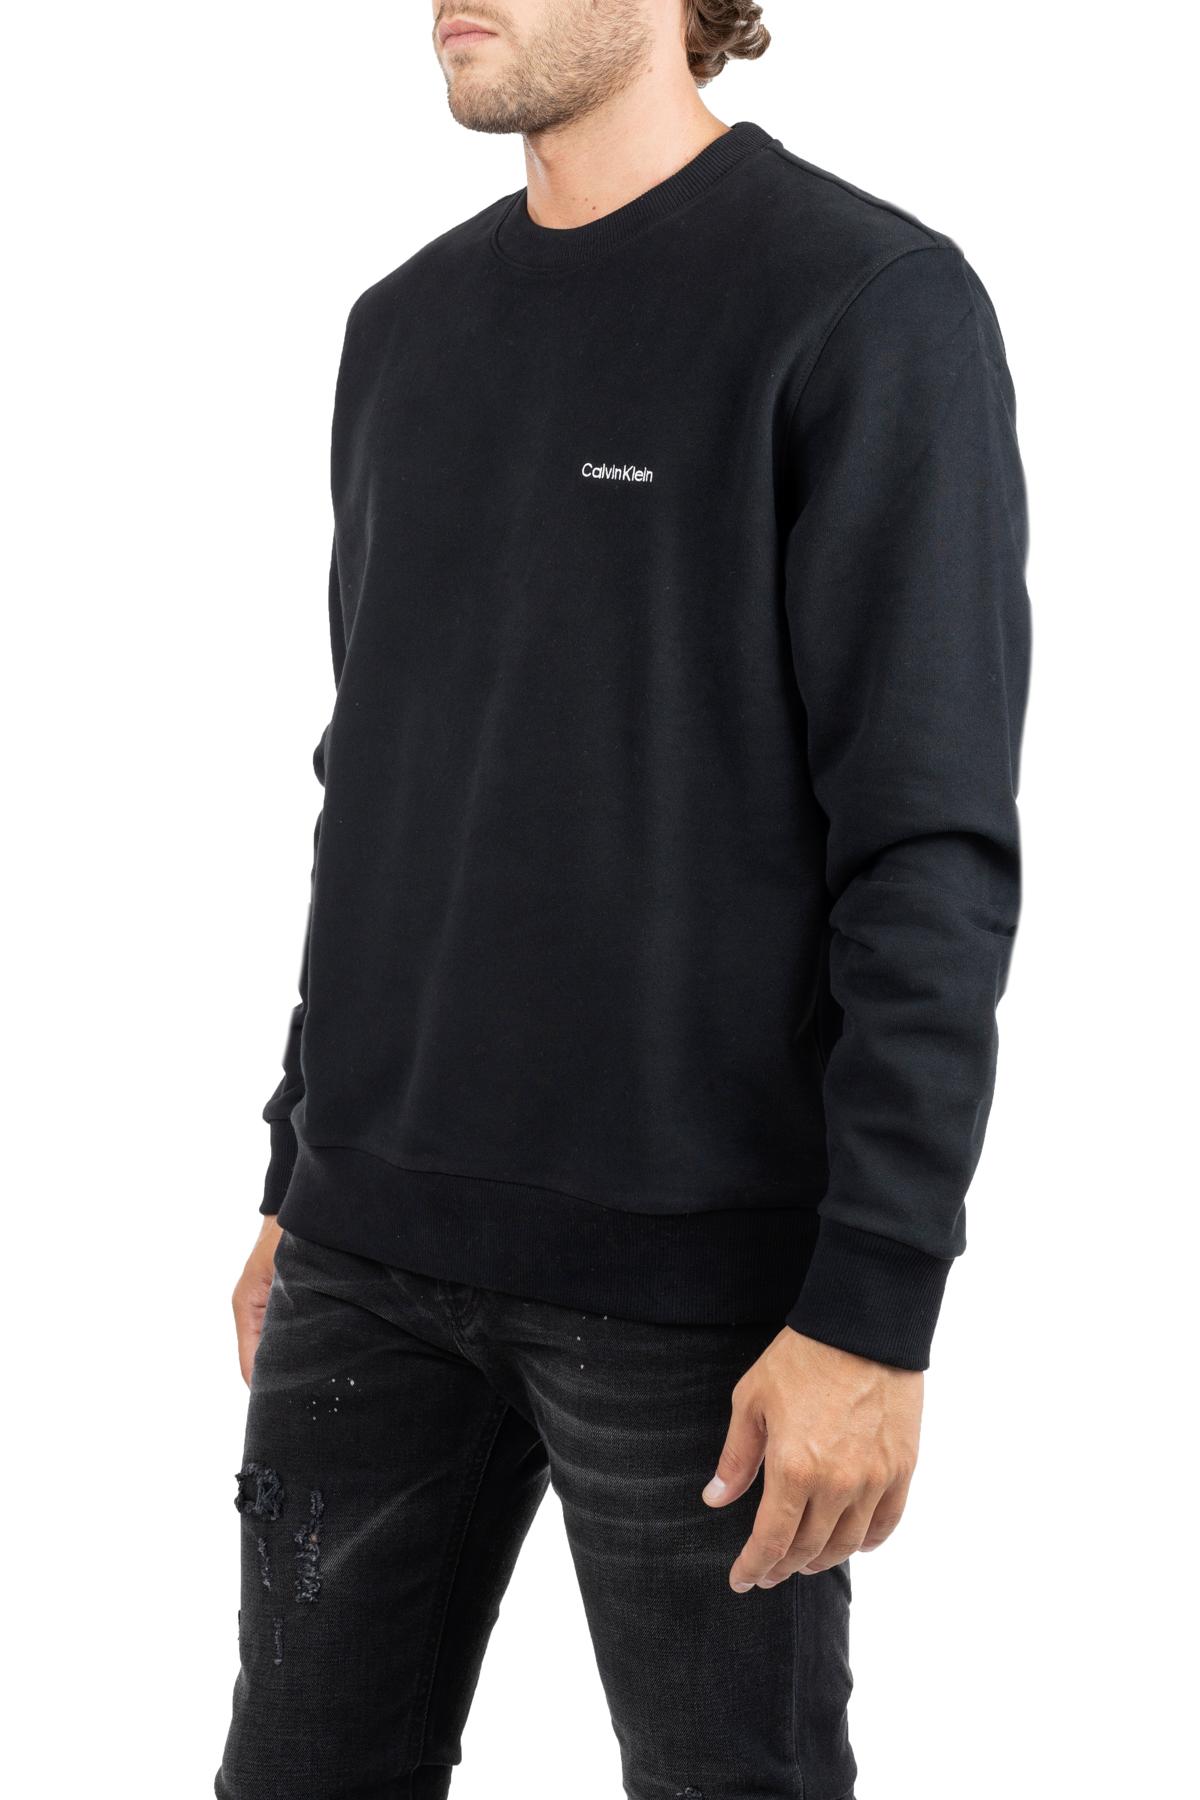 BLACK COTTON SWEATSHIRT WITH FRONT LOGO EMBROIDERY CALVIN KLEIN   Sweatshirts   K10K103088002